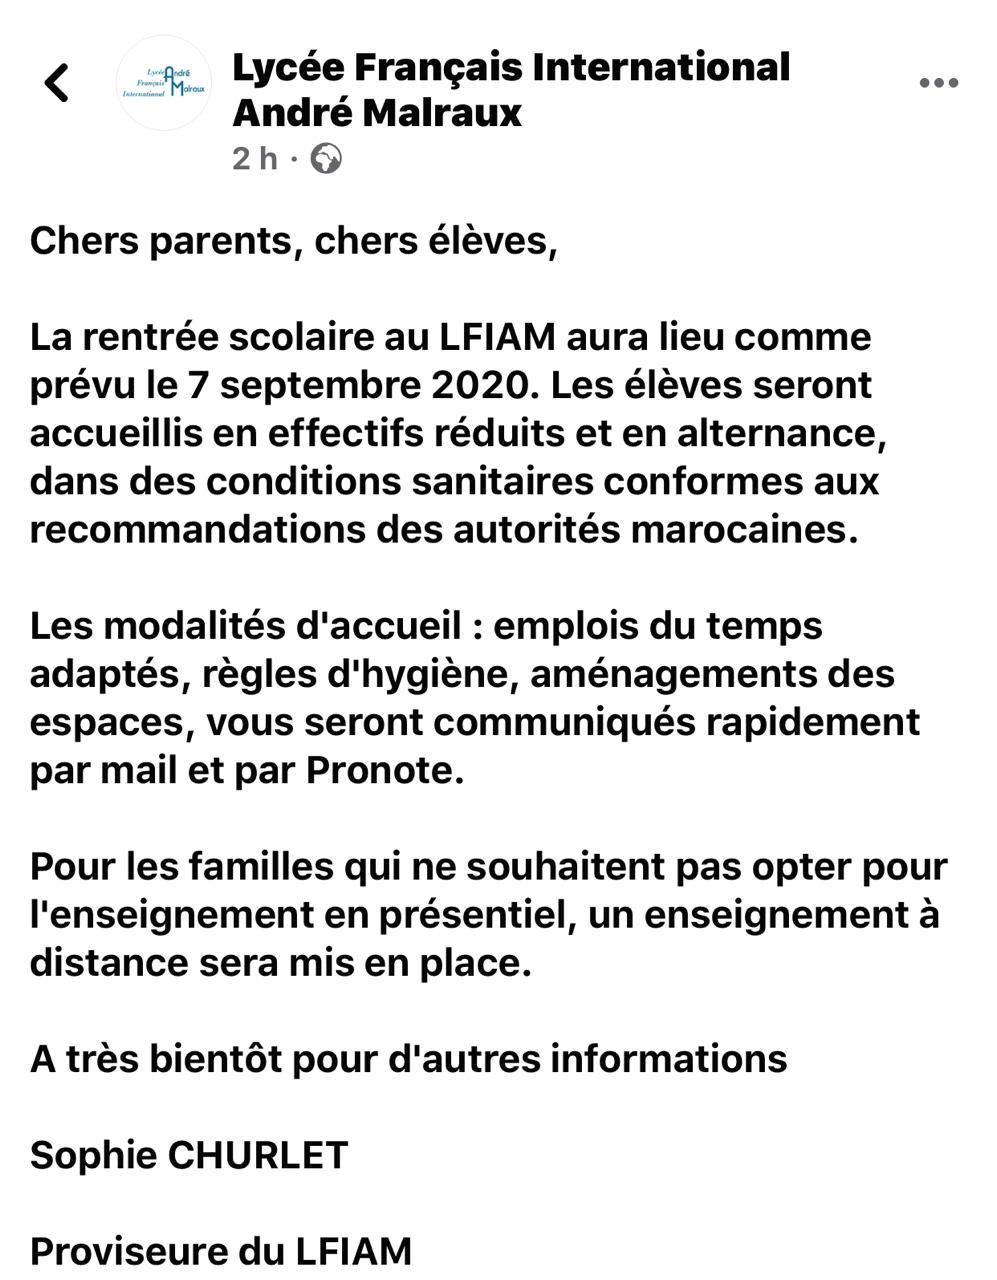 Message initial de la proviseure du LFIAM avant sa modification